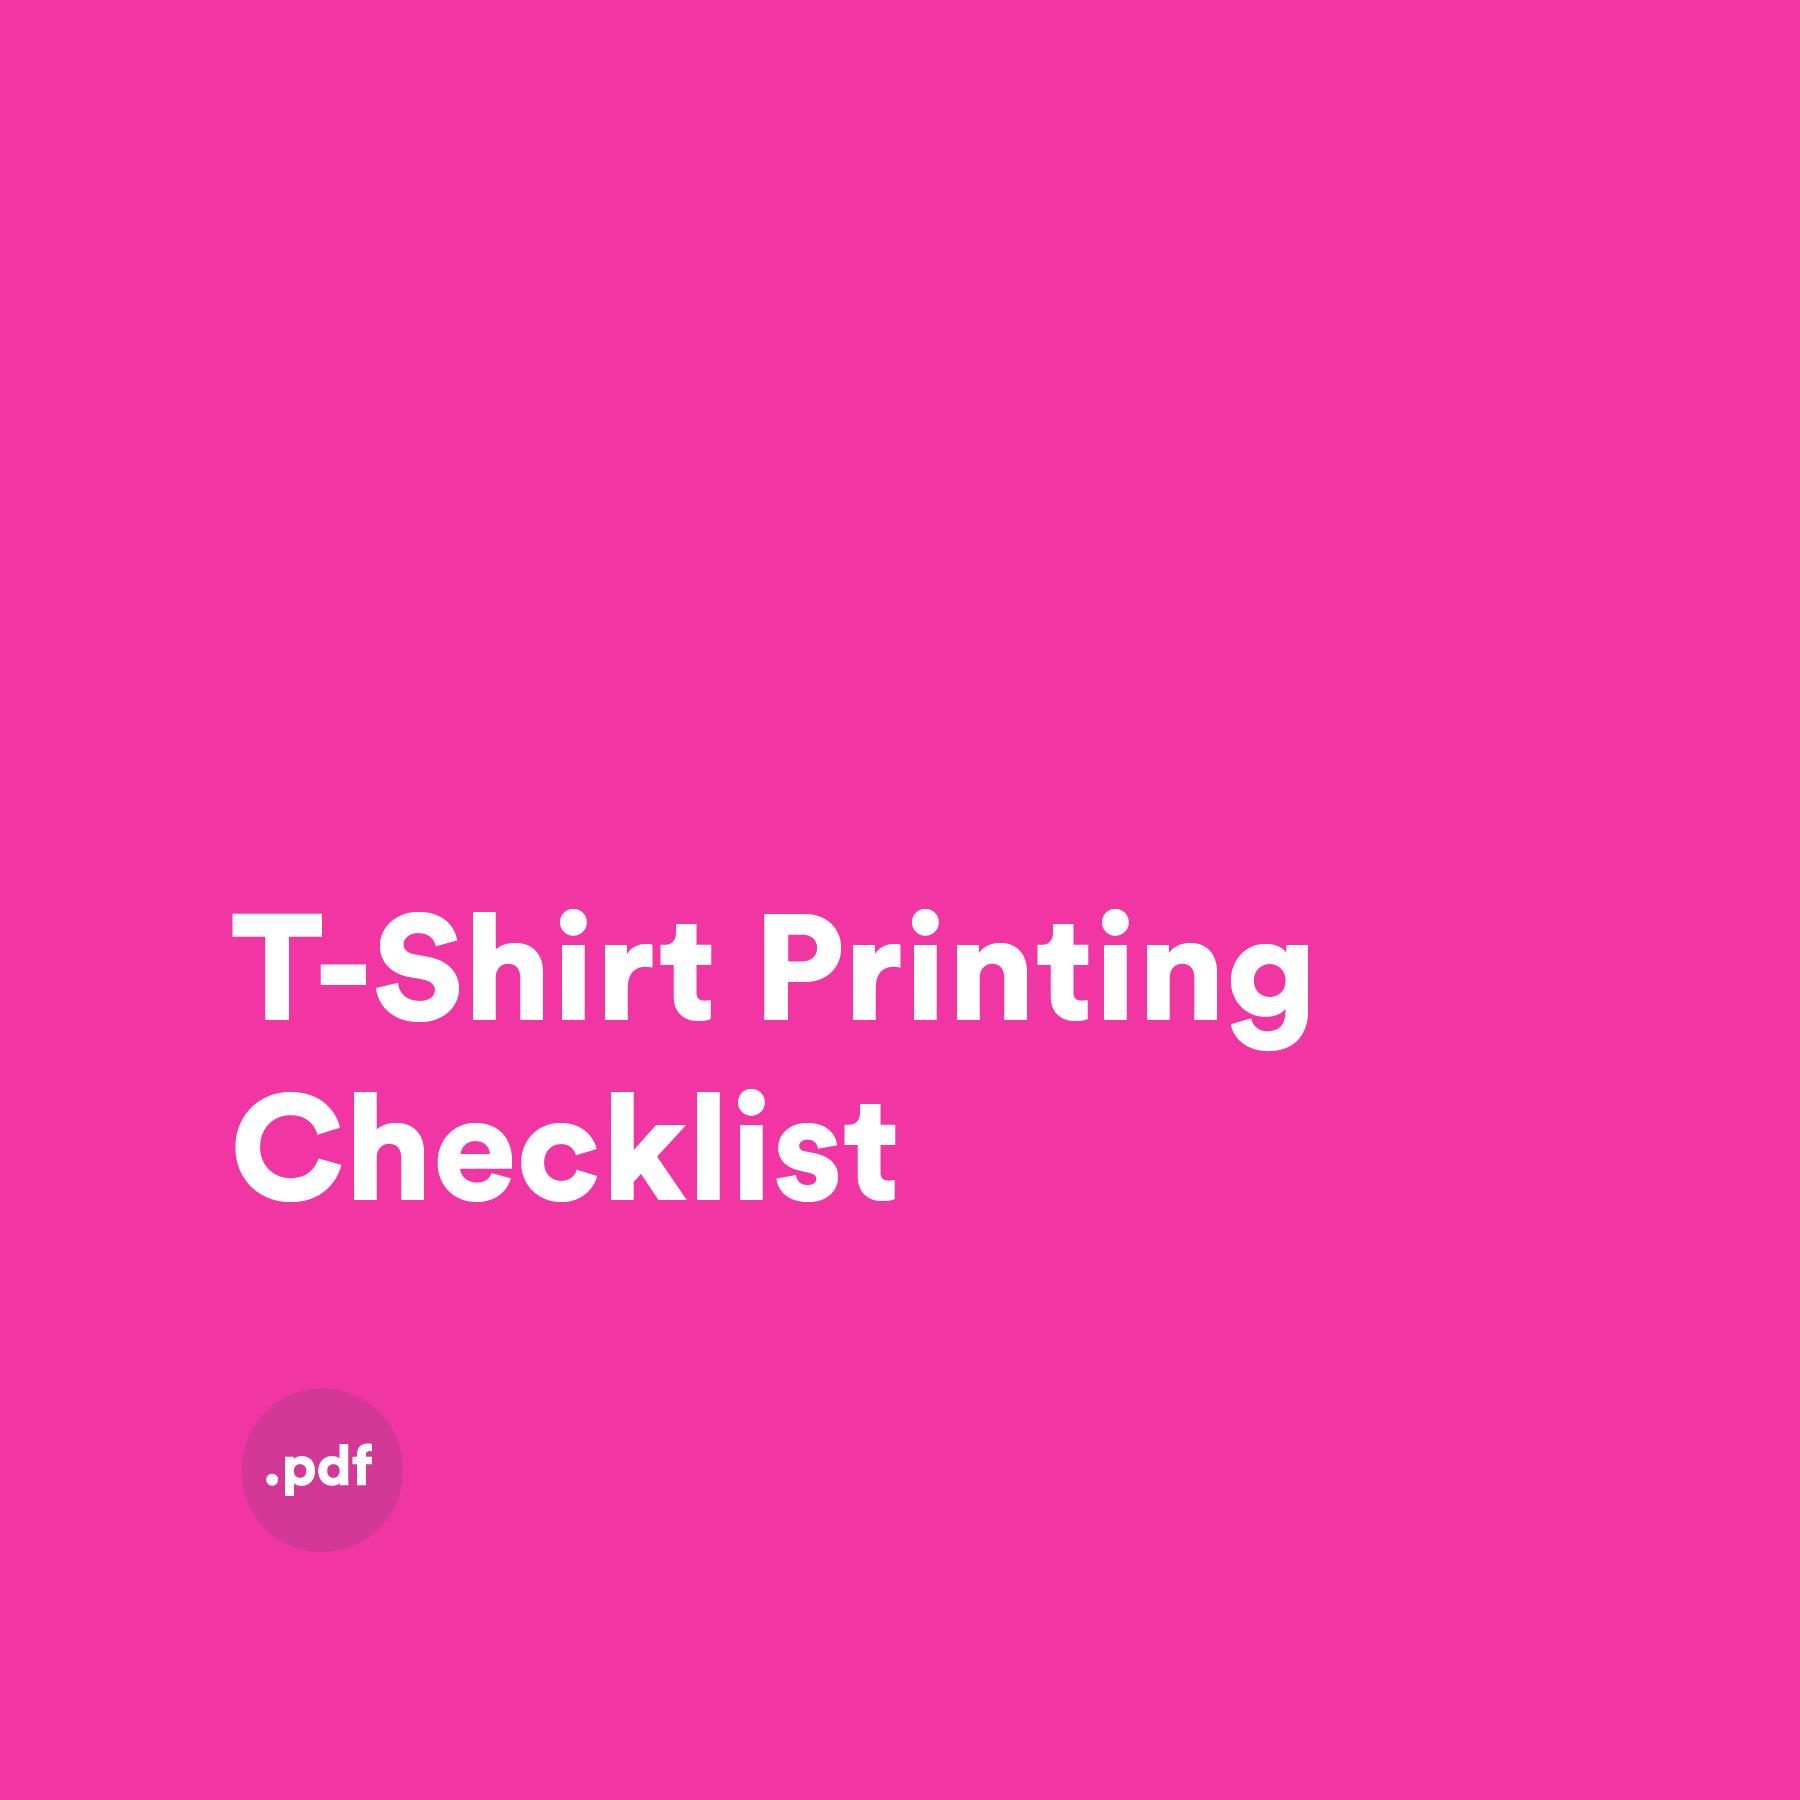 T-shirt Printing Checklist